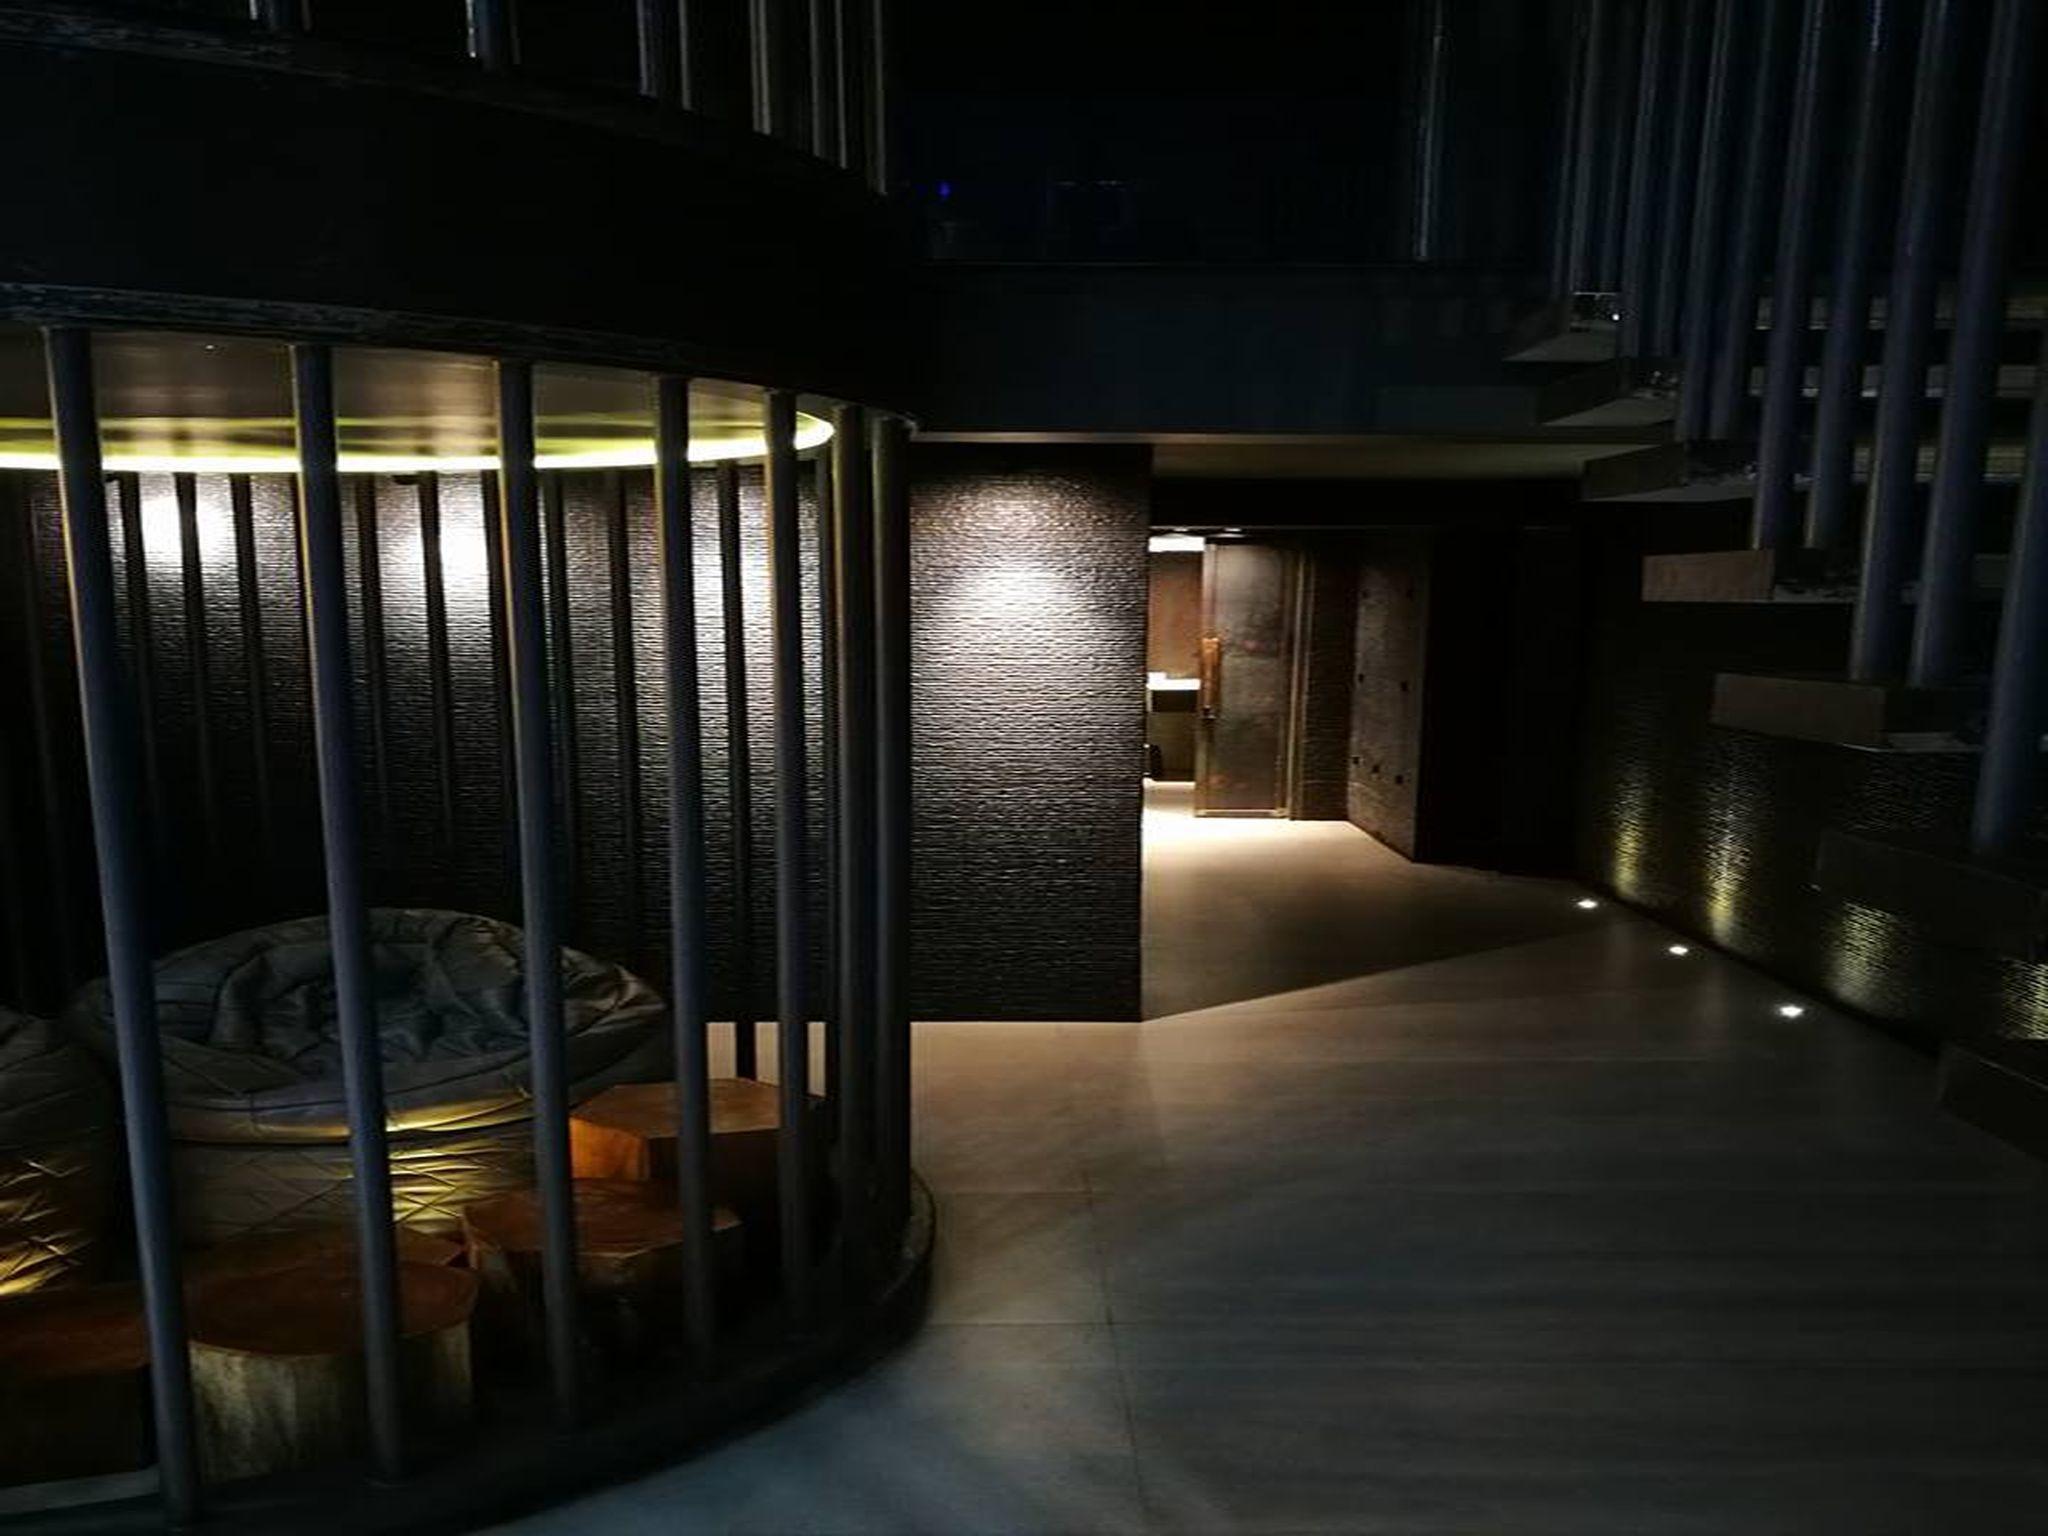 苏克站酒店 (sook station) - 监狱主题特色的酒店 泰国旅游 第3张